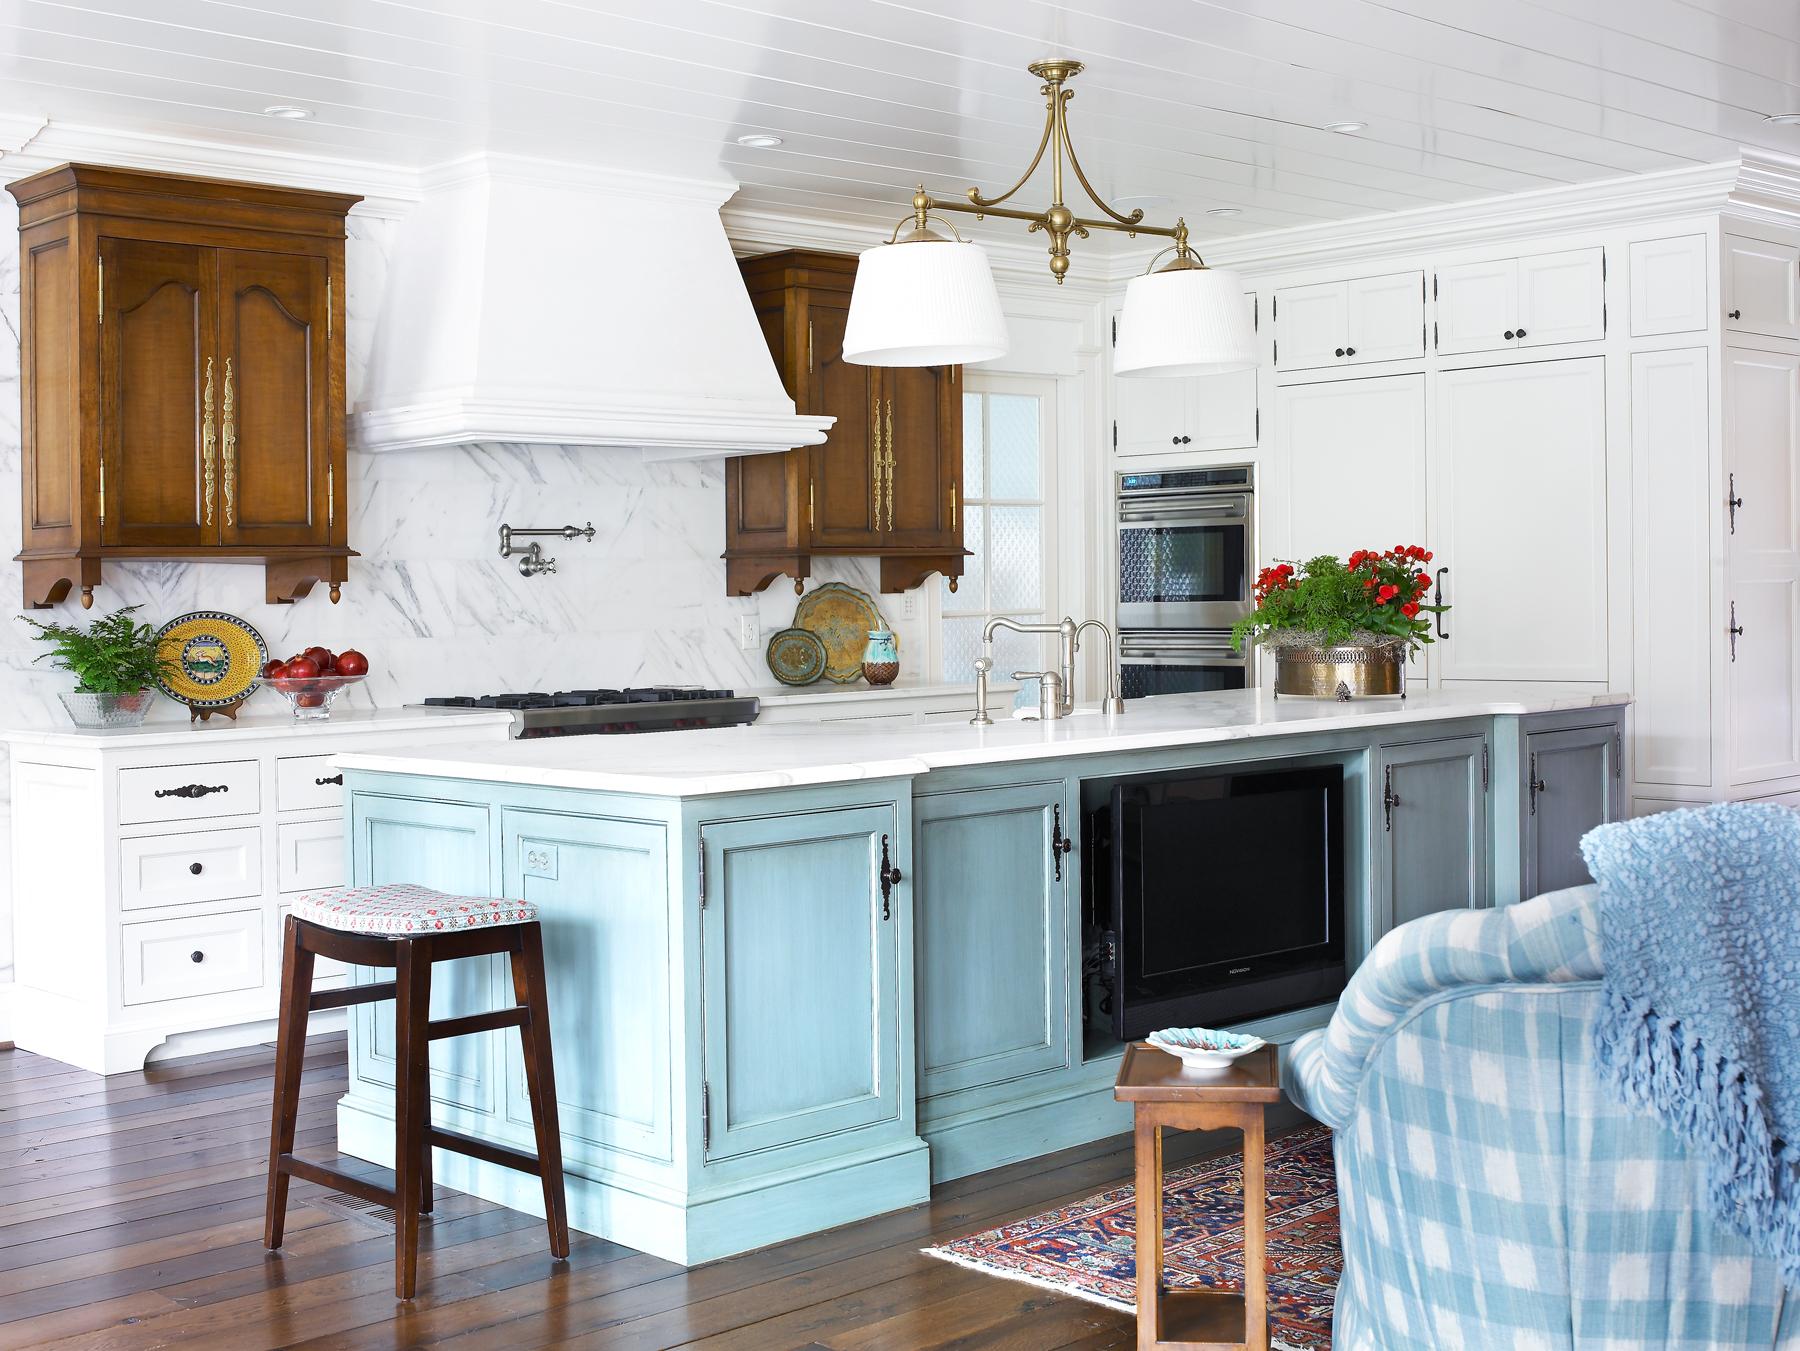 Красивое сочетание белой и голубой мебели в интерьере кухни